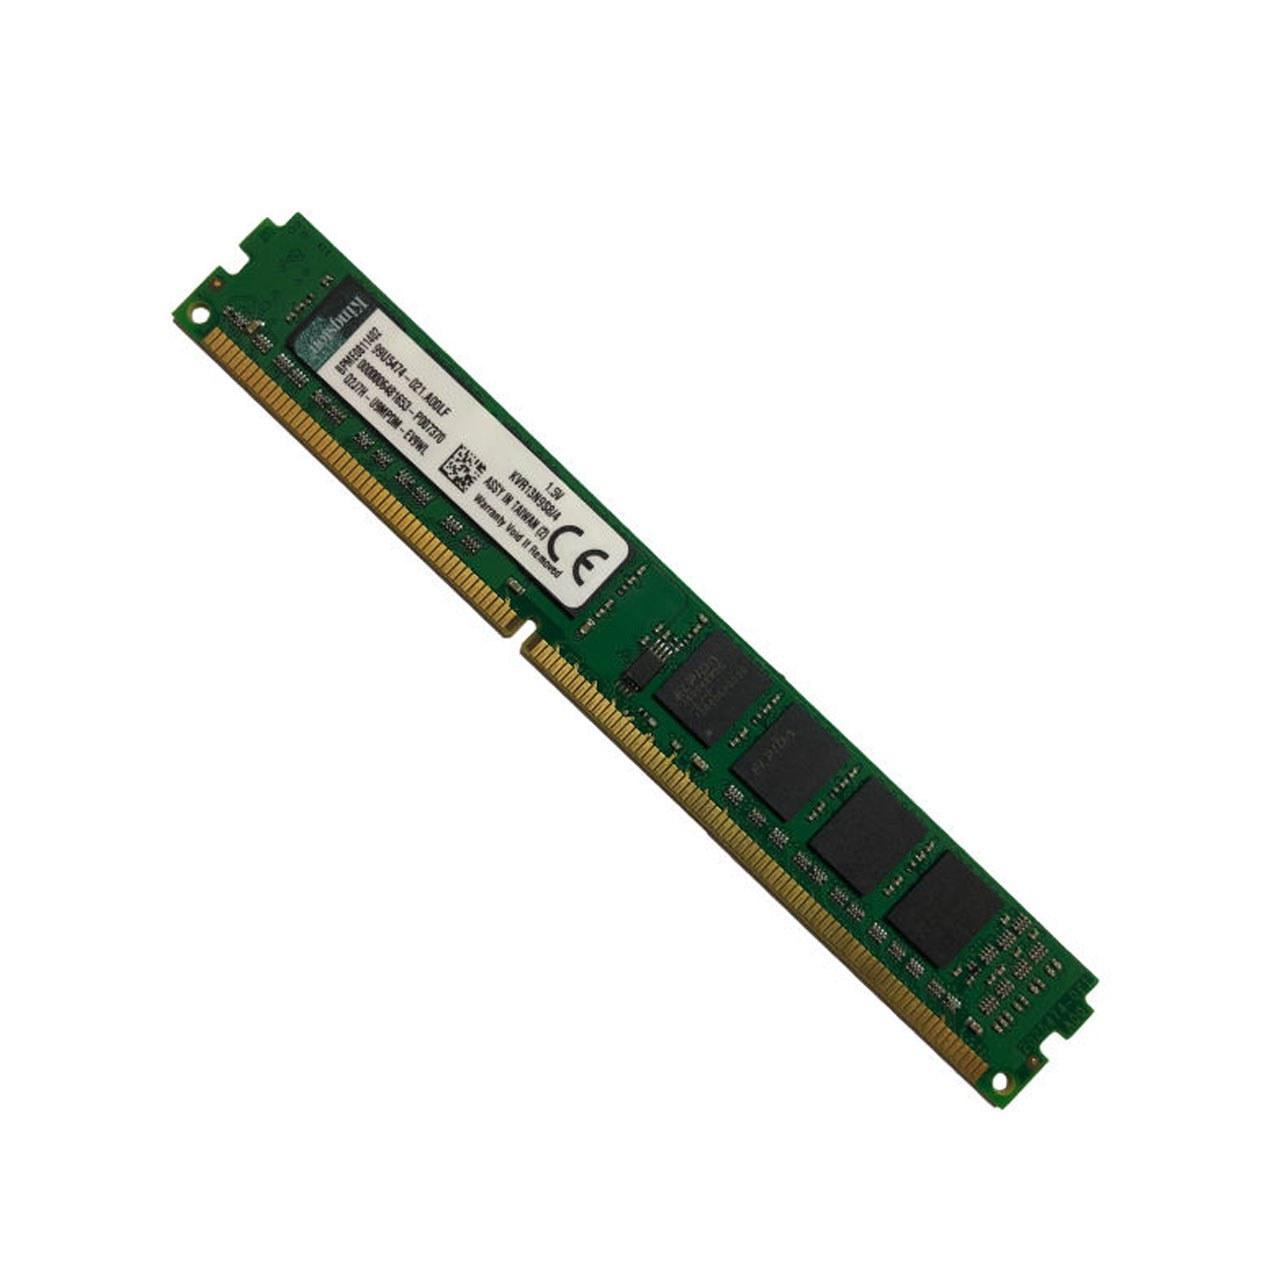 تصویر رم کامپیوتر کینگستون مدل 10600 DDR3 1333MHz ظرفیت 4 گیگابایت